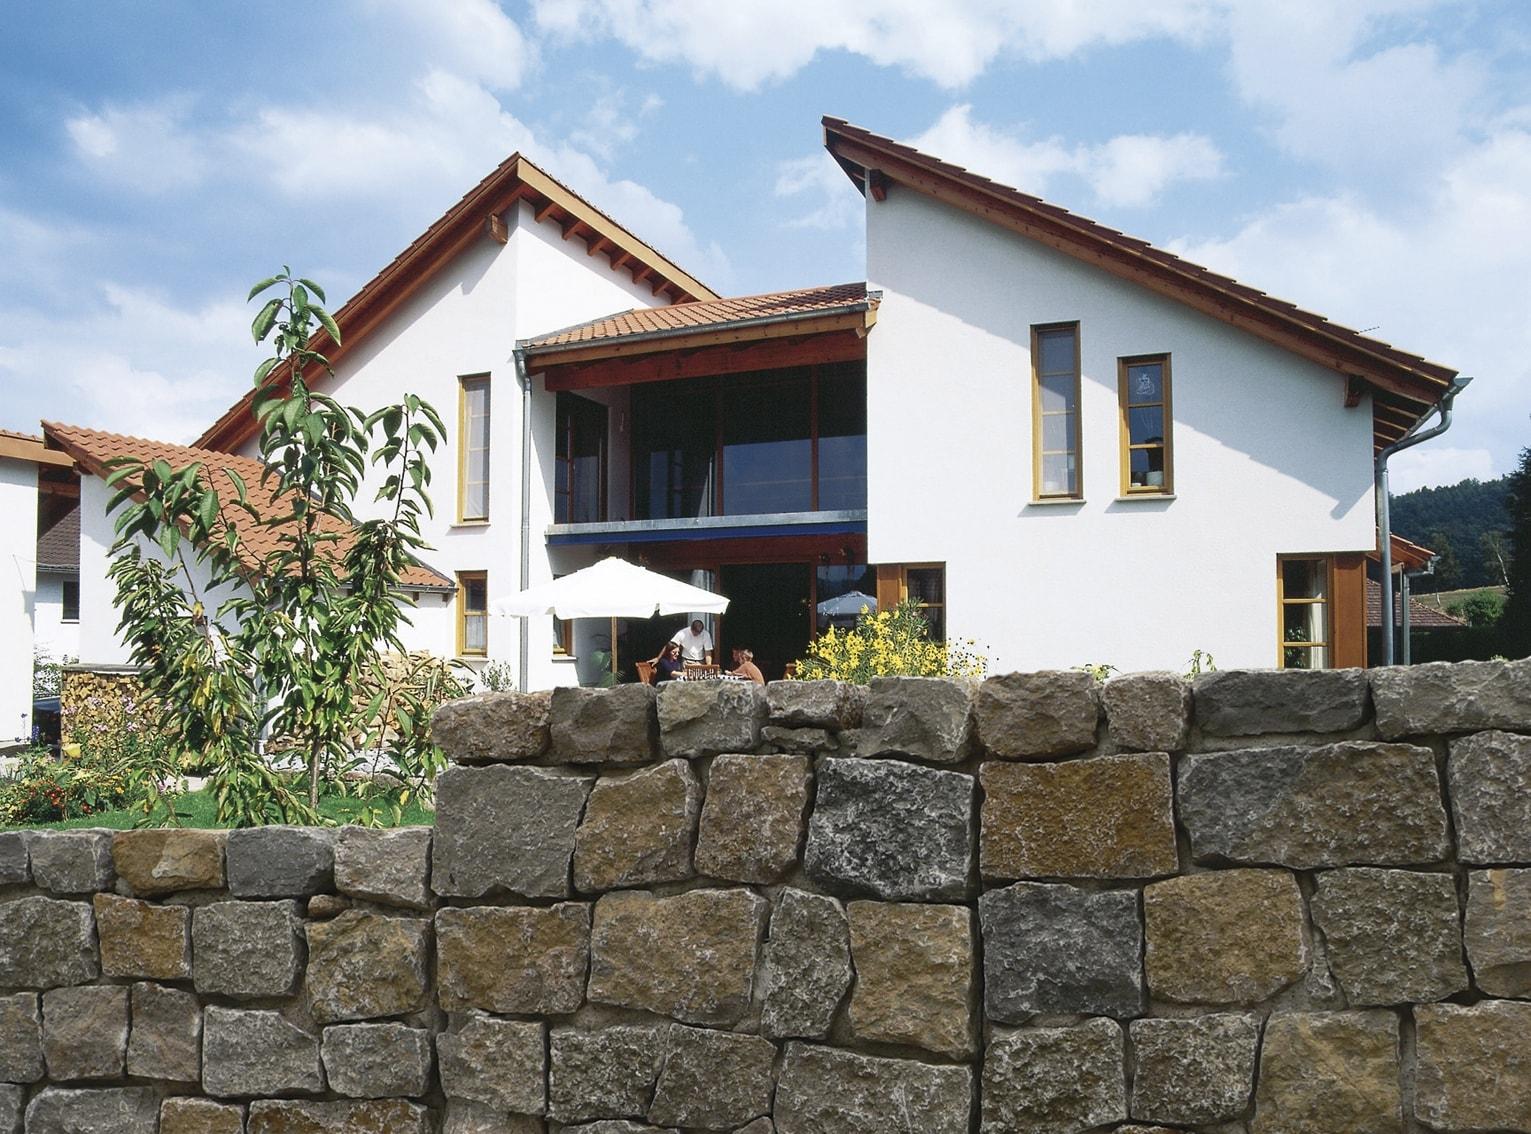 Naturstein Mauerwinkel aus Muschelkalk von SELING Beton